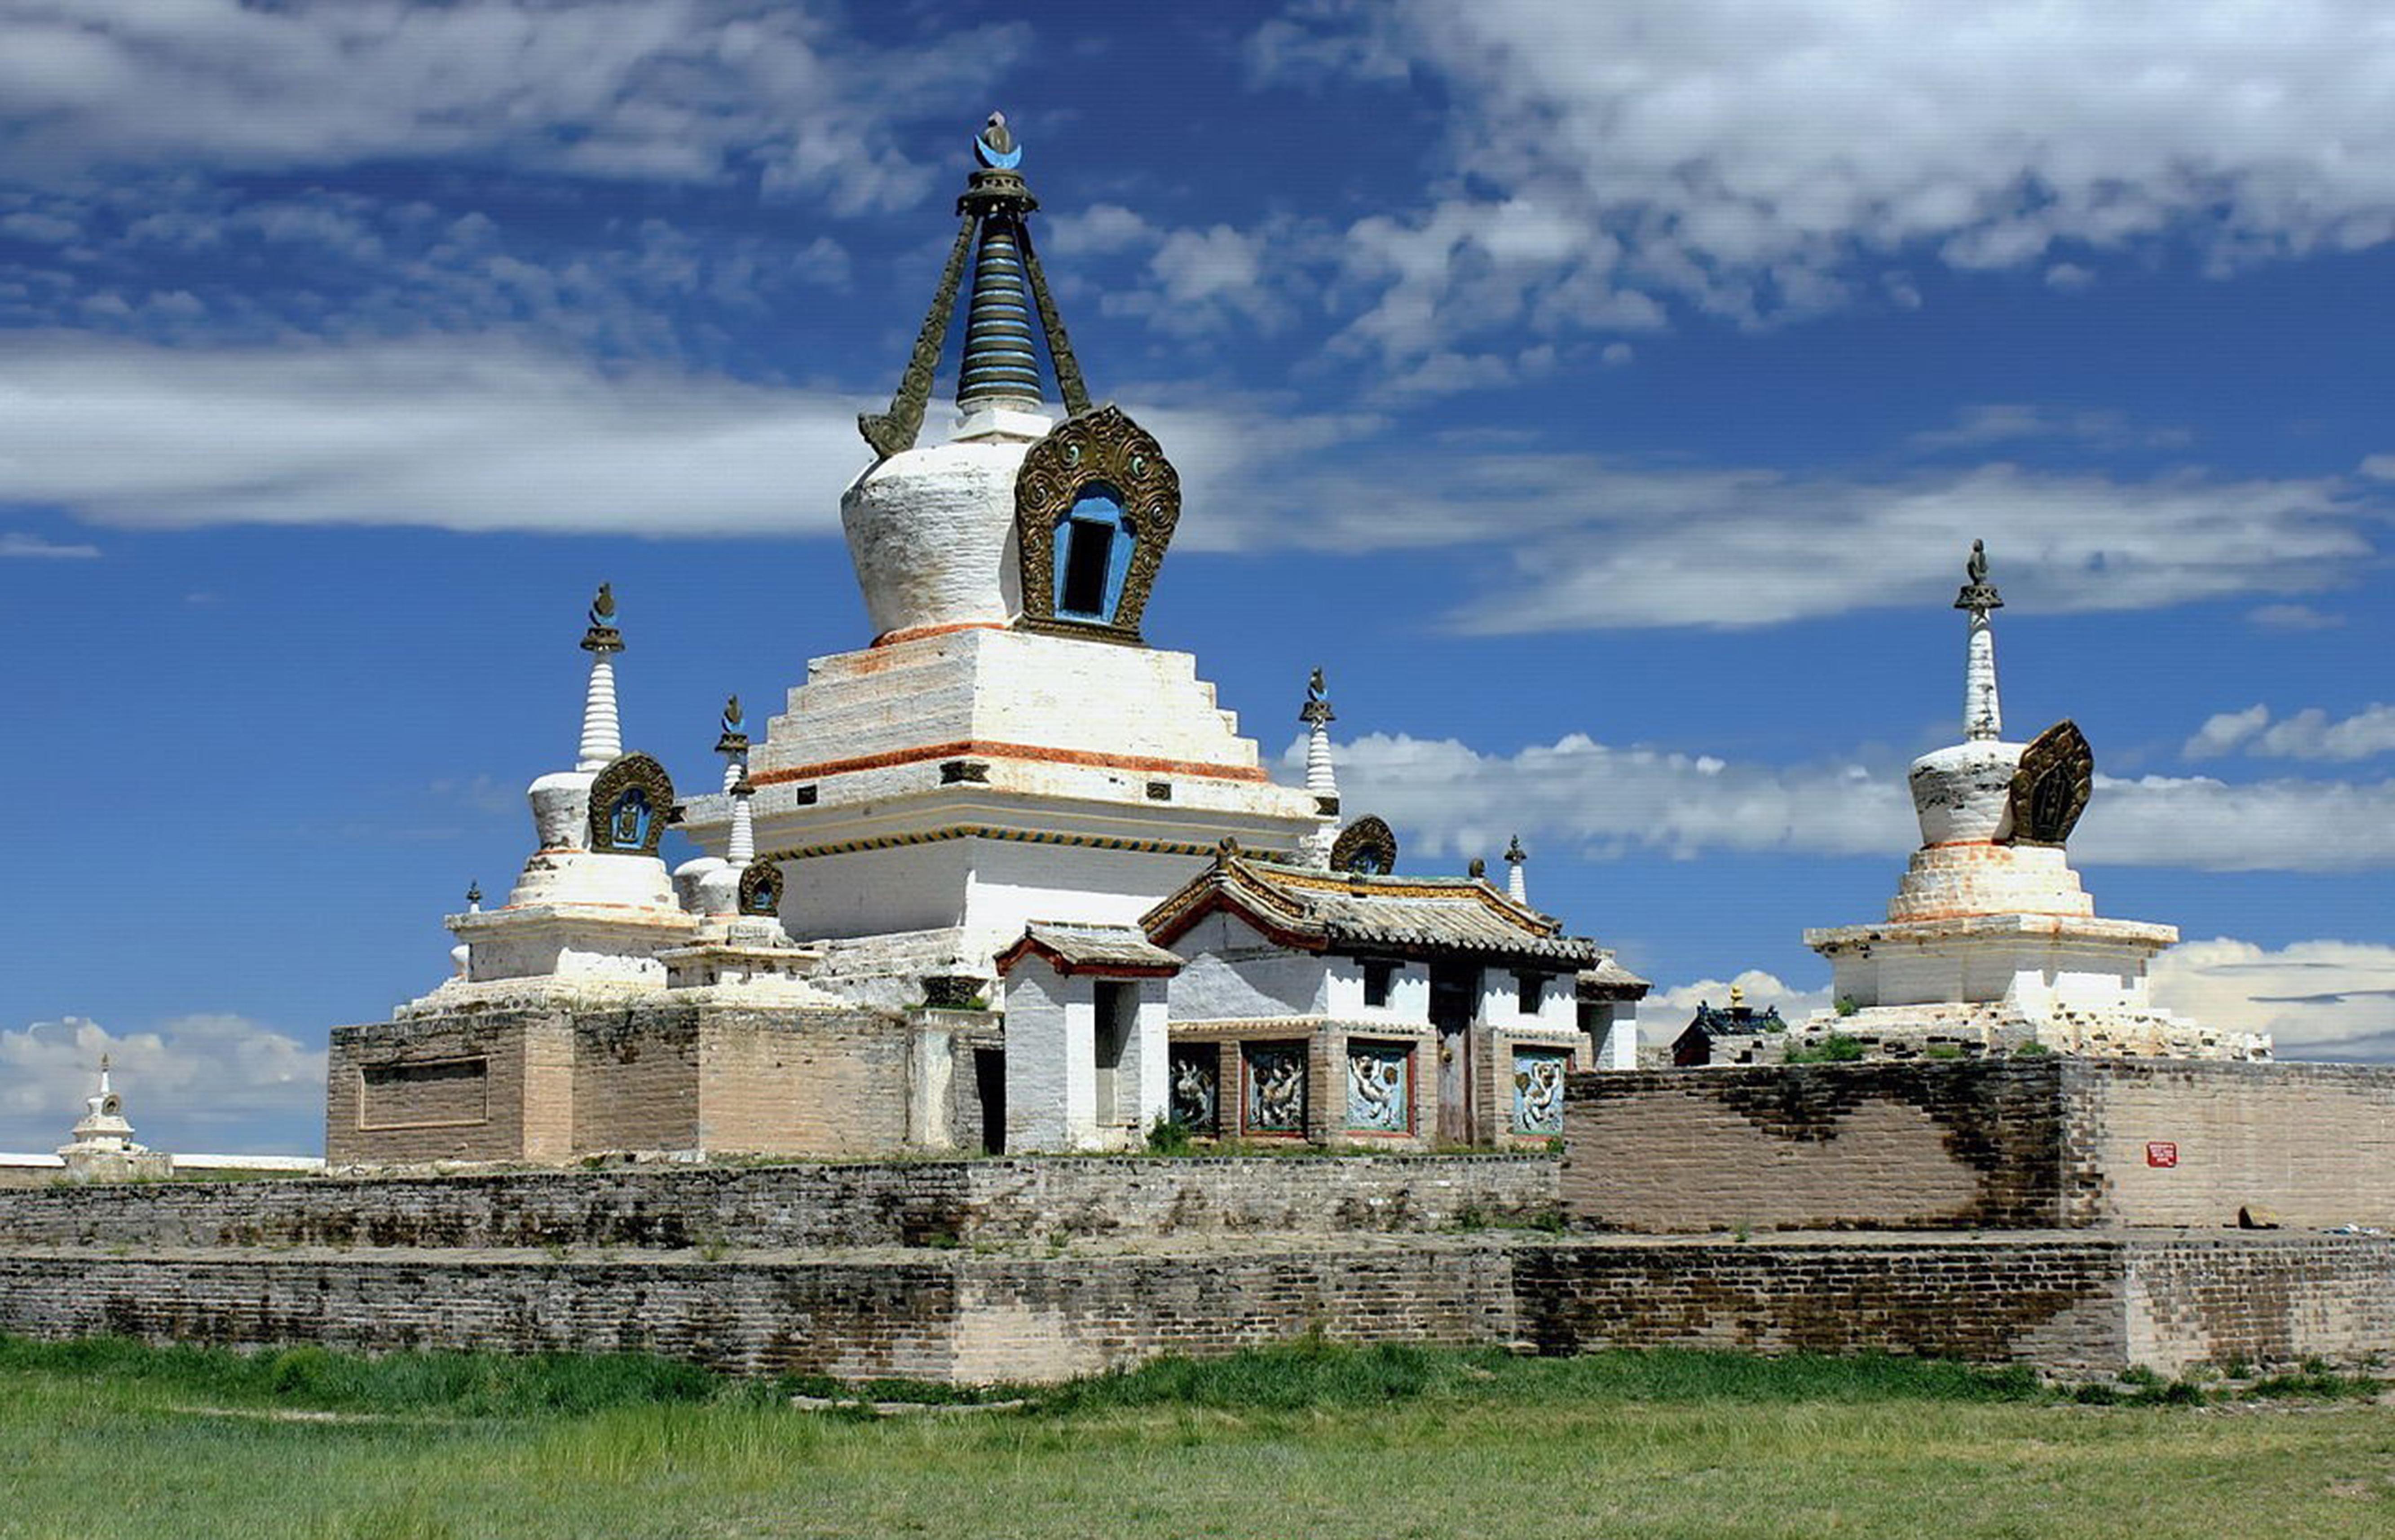 Treasures of Mongolia - Erdene Zuu Monastery